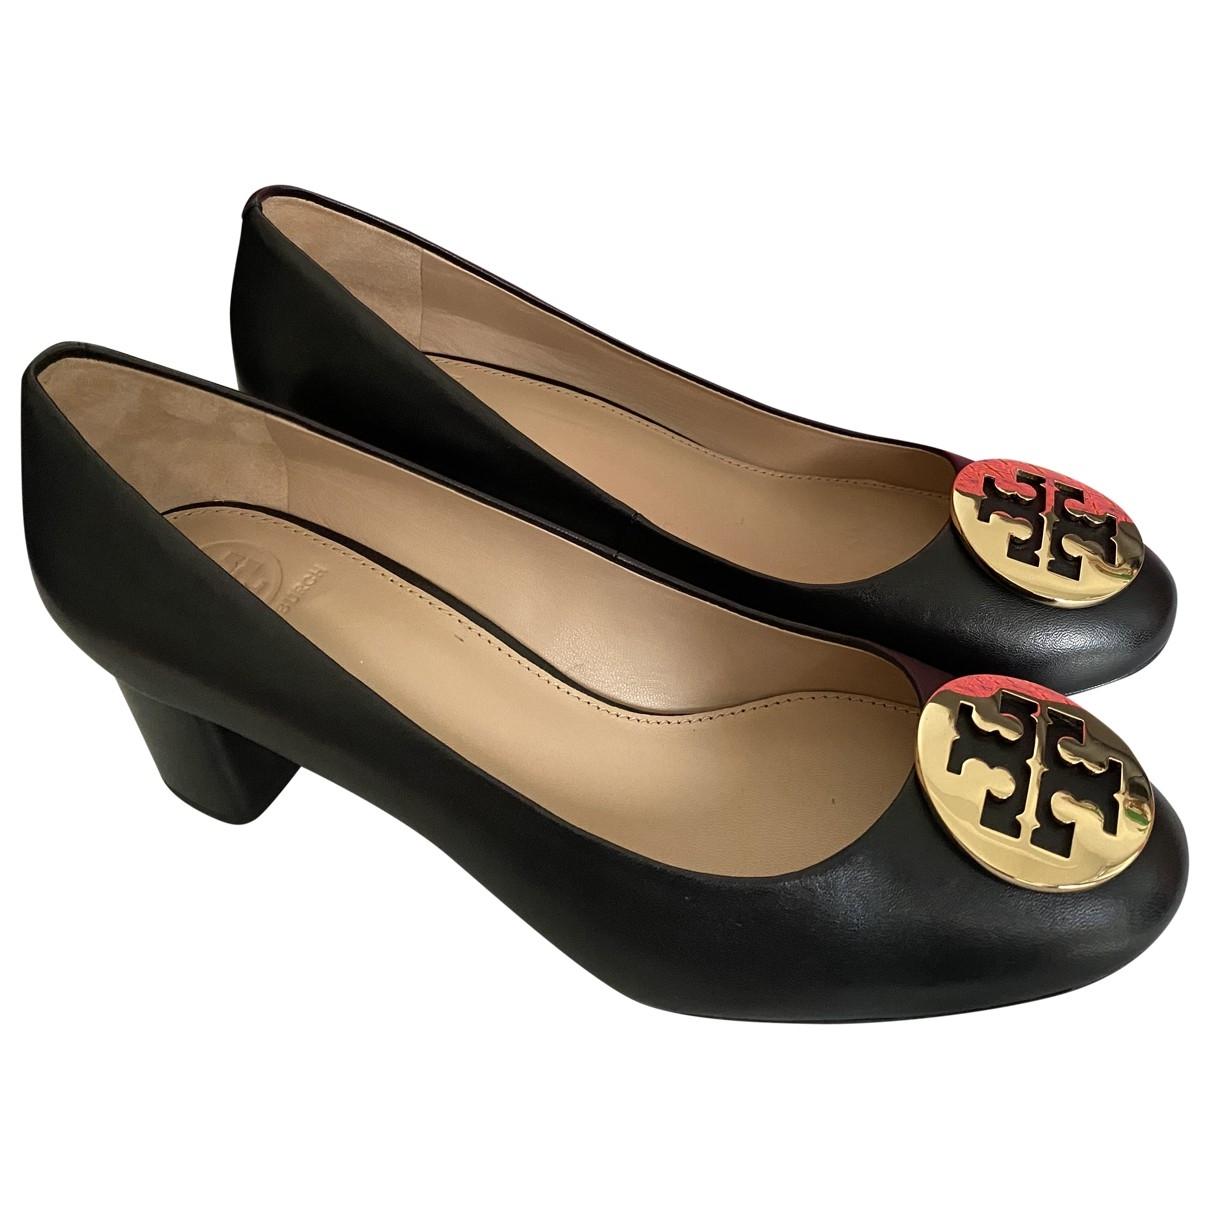 Tory Burch - Escarpins   pour femme en cuir - noir